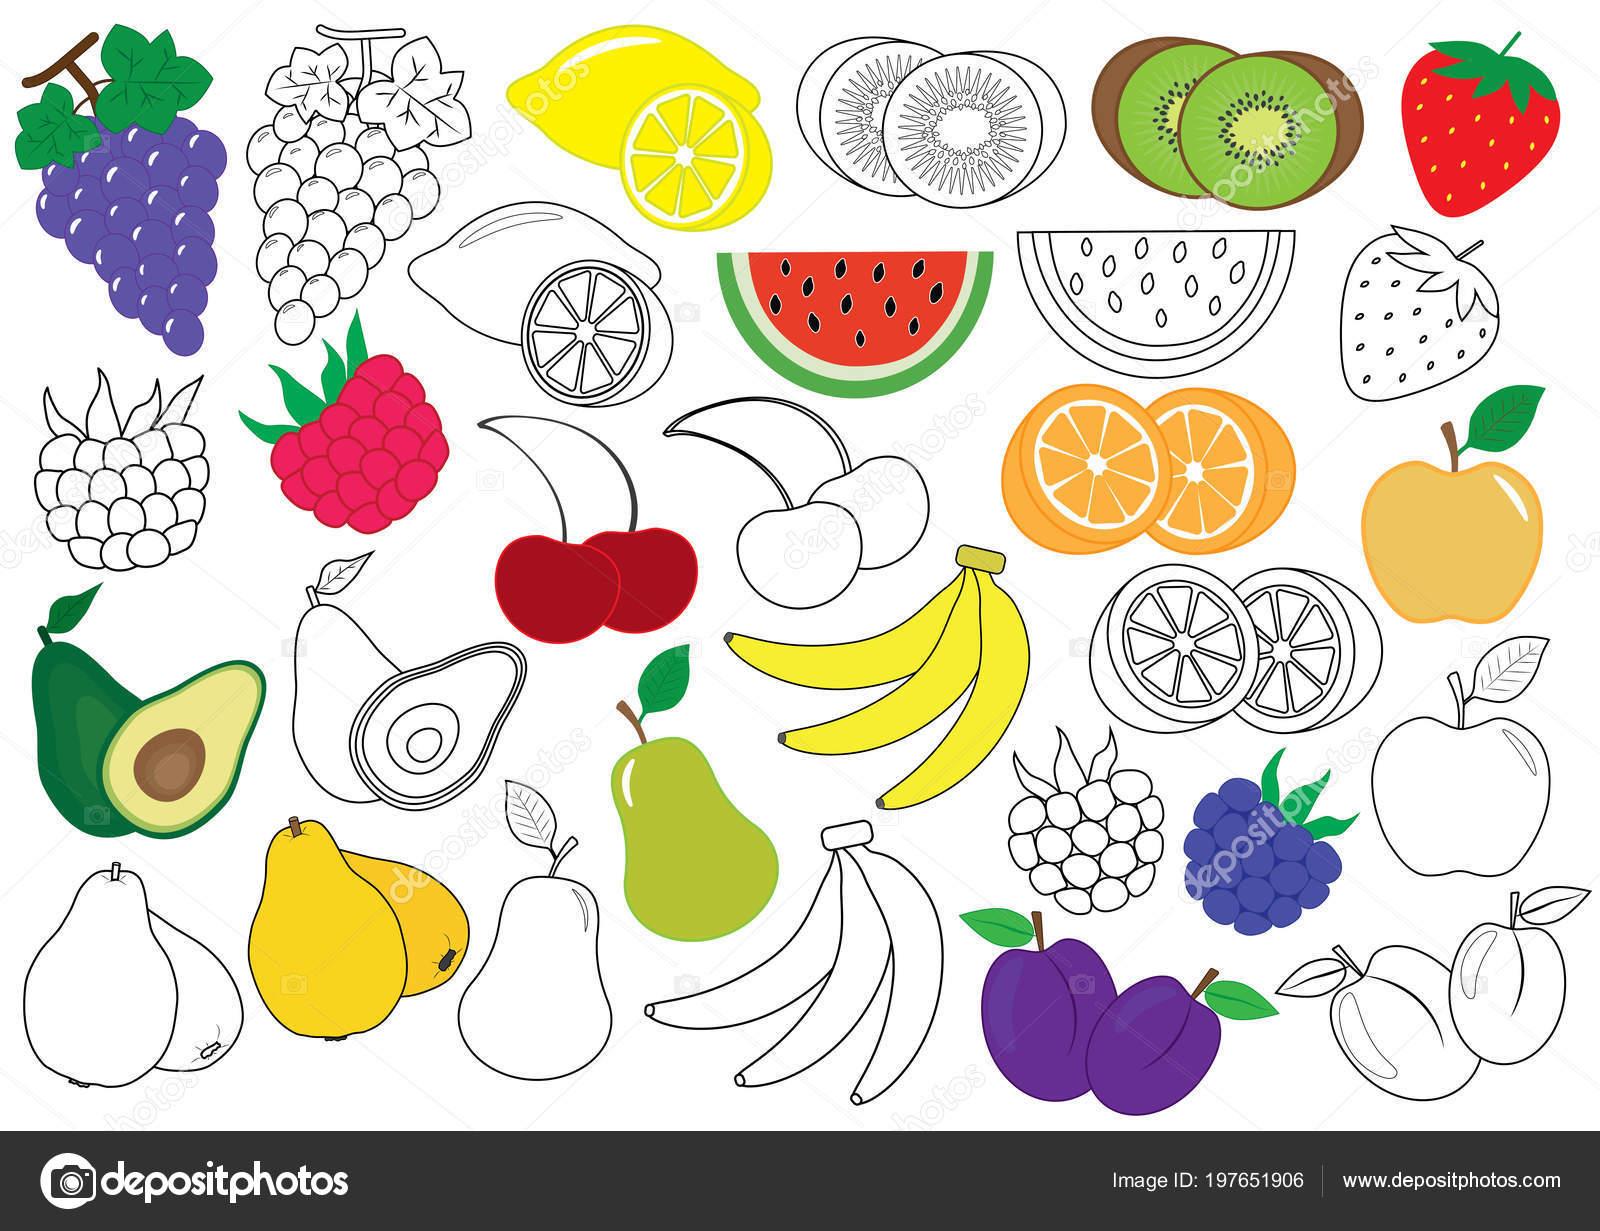 Meyve çilek Boyama Kitabı çocuklar Için Eğitici Bir Oyun Vektör